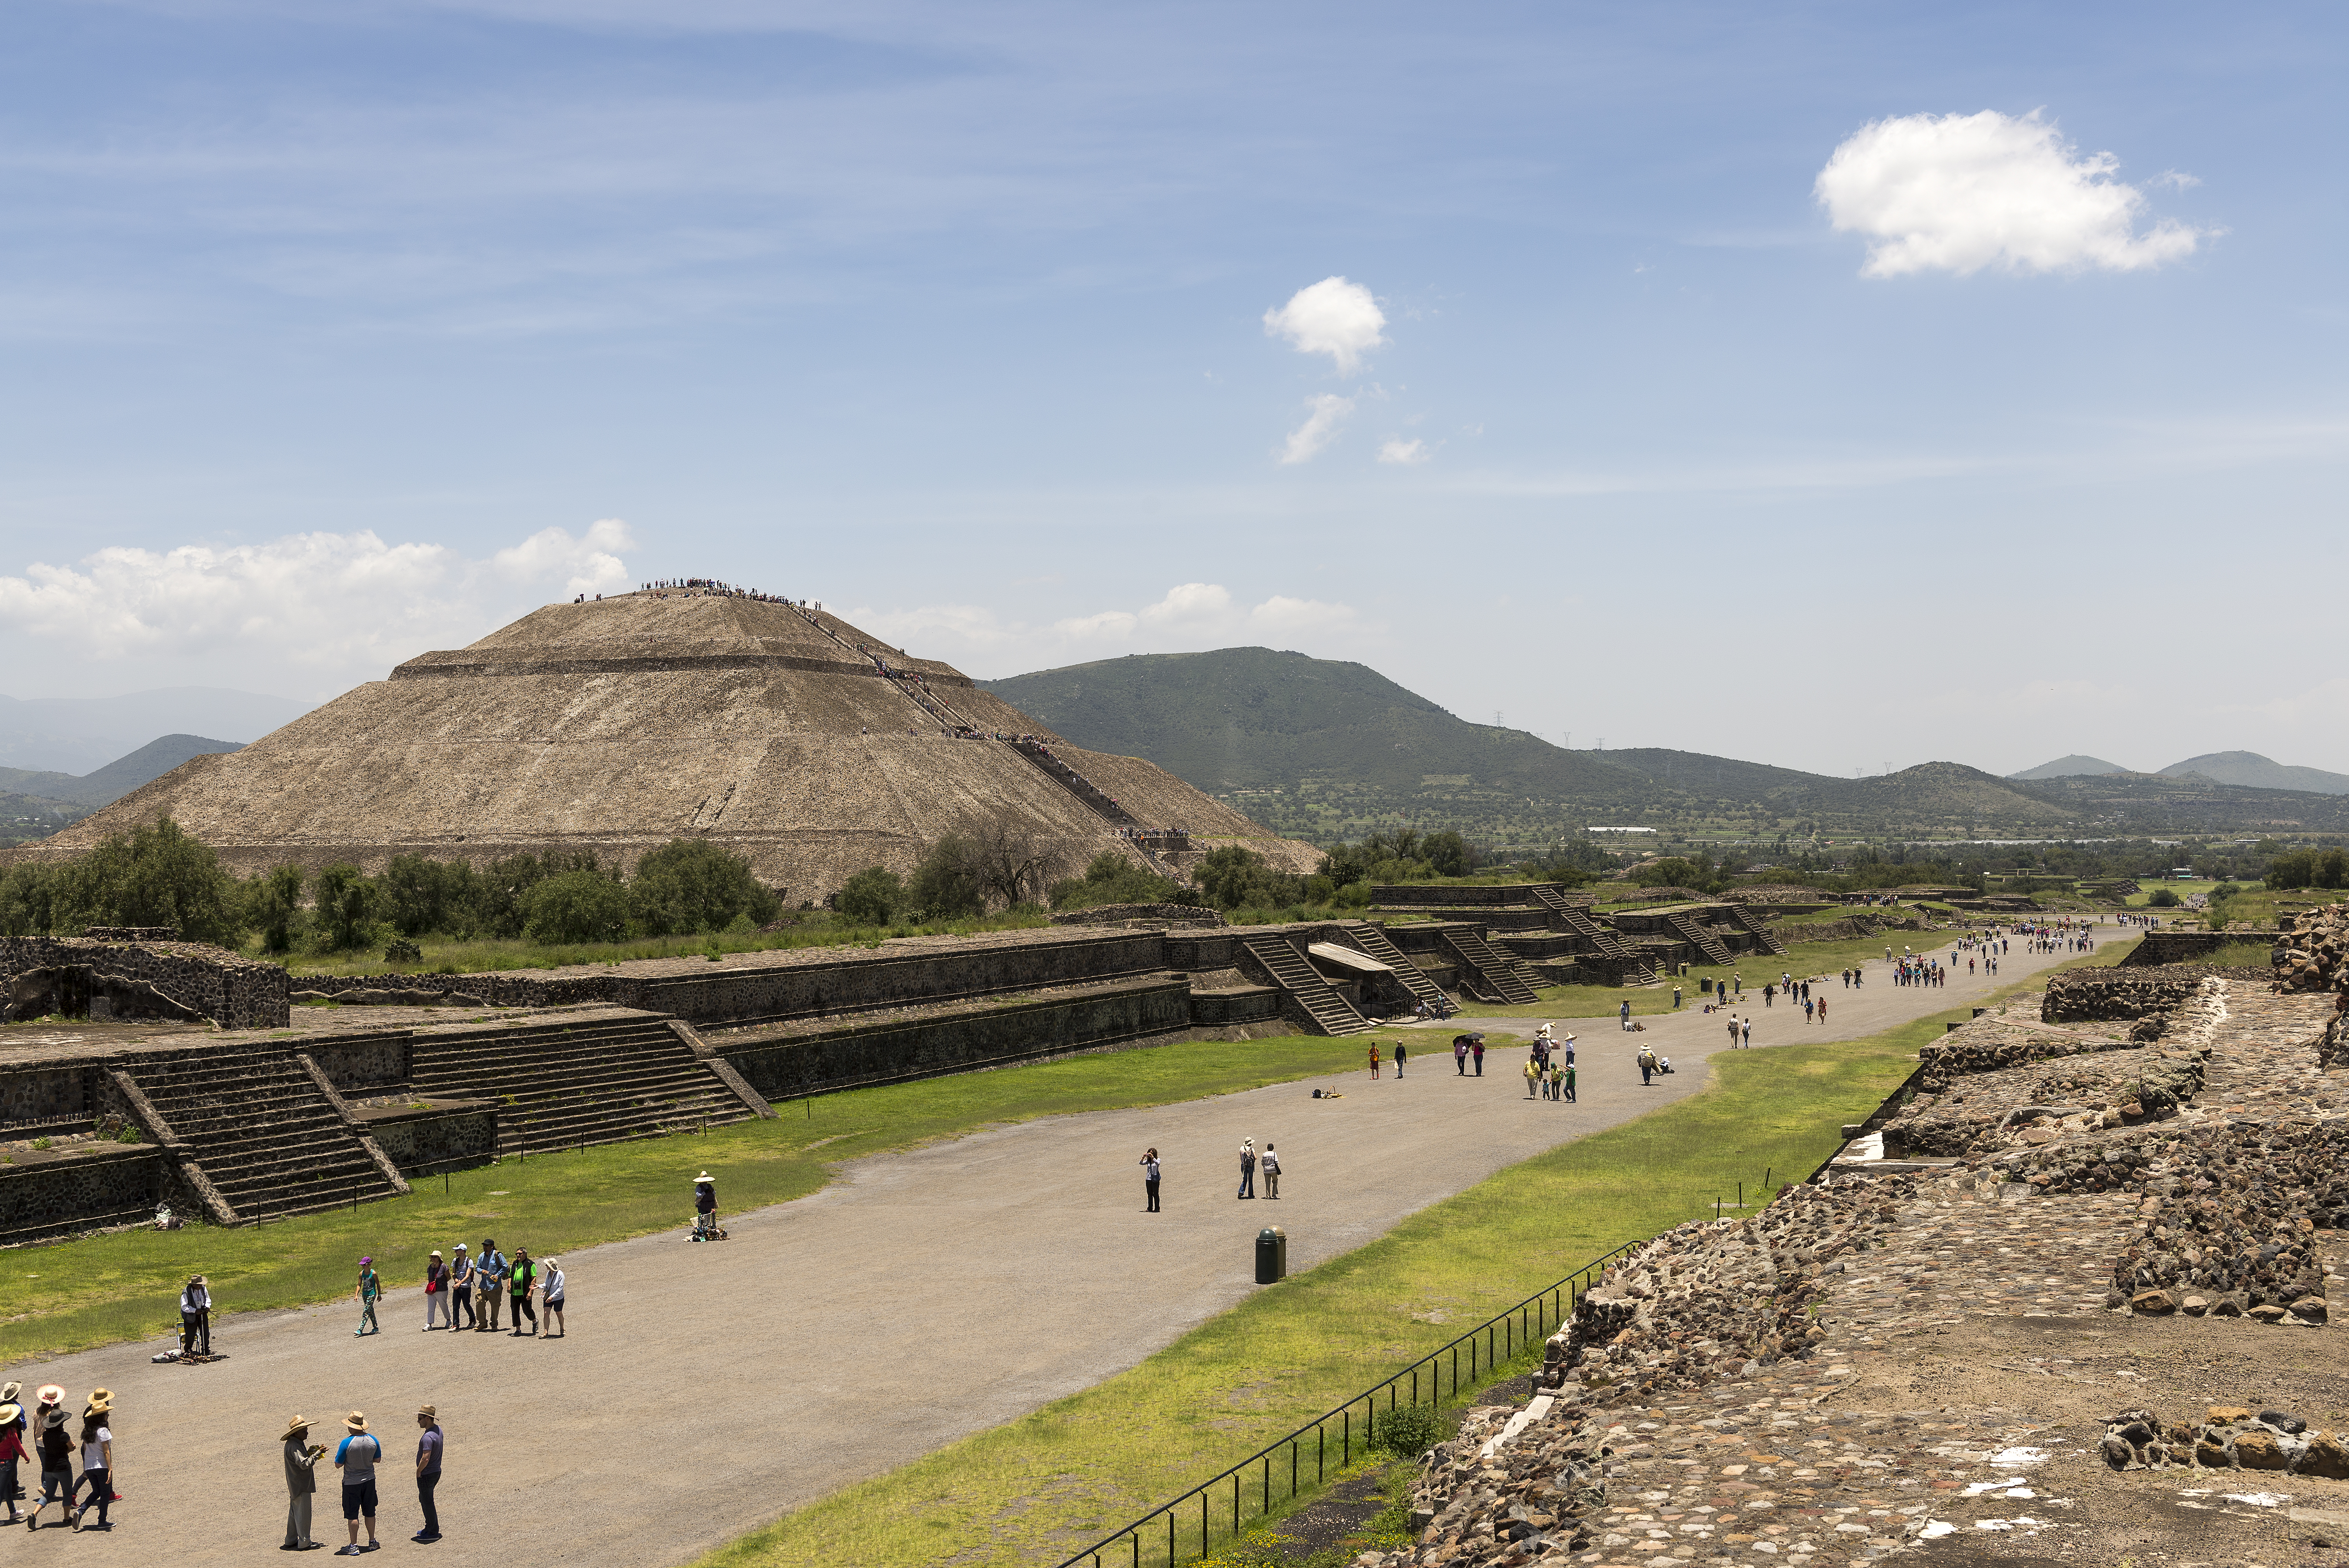 Ссылочная пирамида Семинарский тупик прогнать сайт Саянская улица